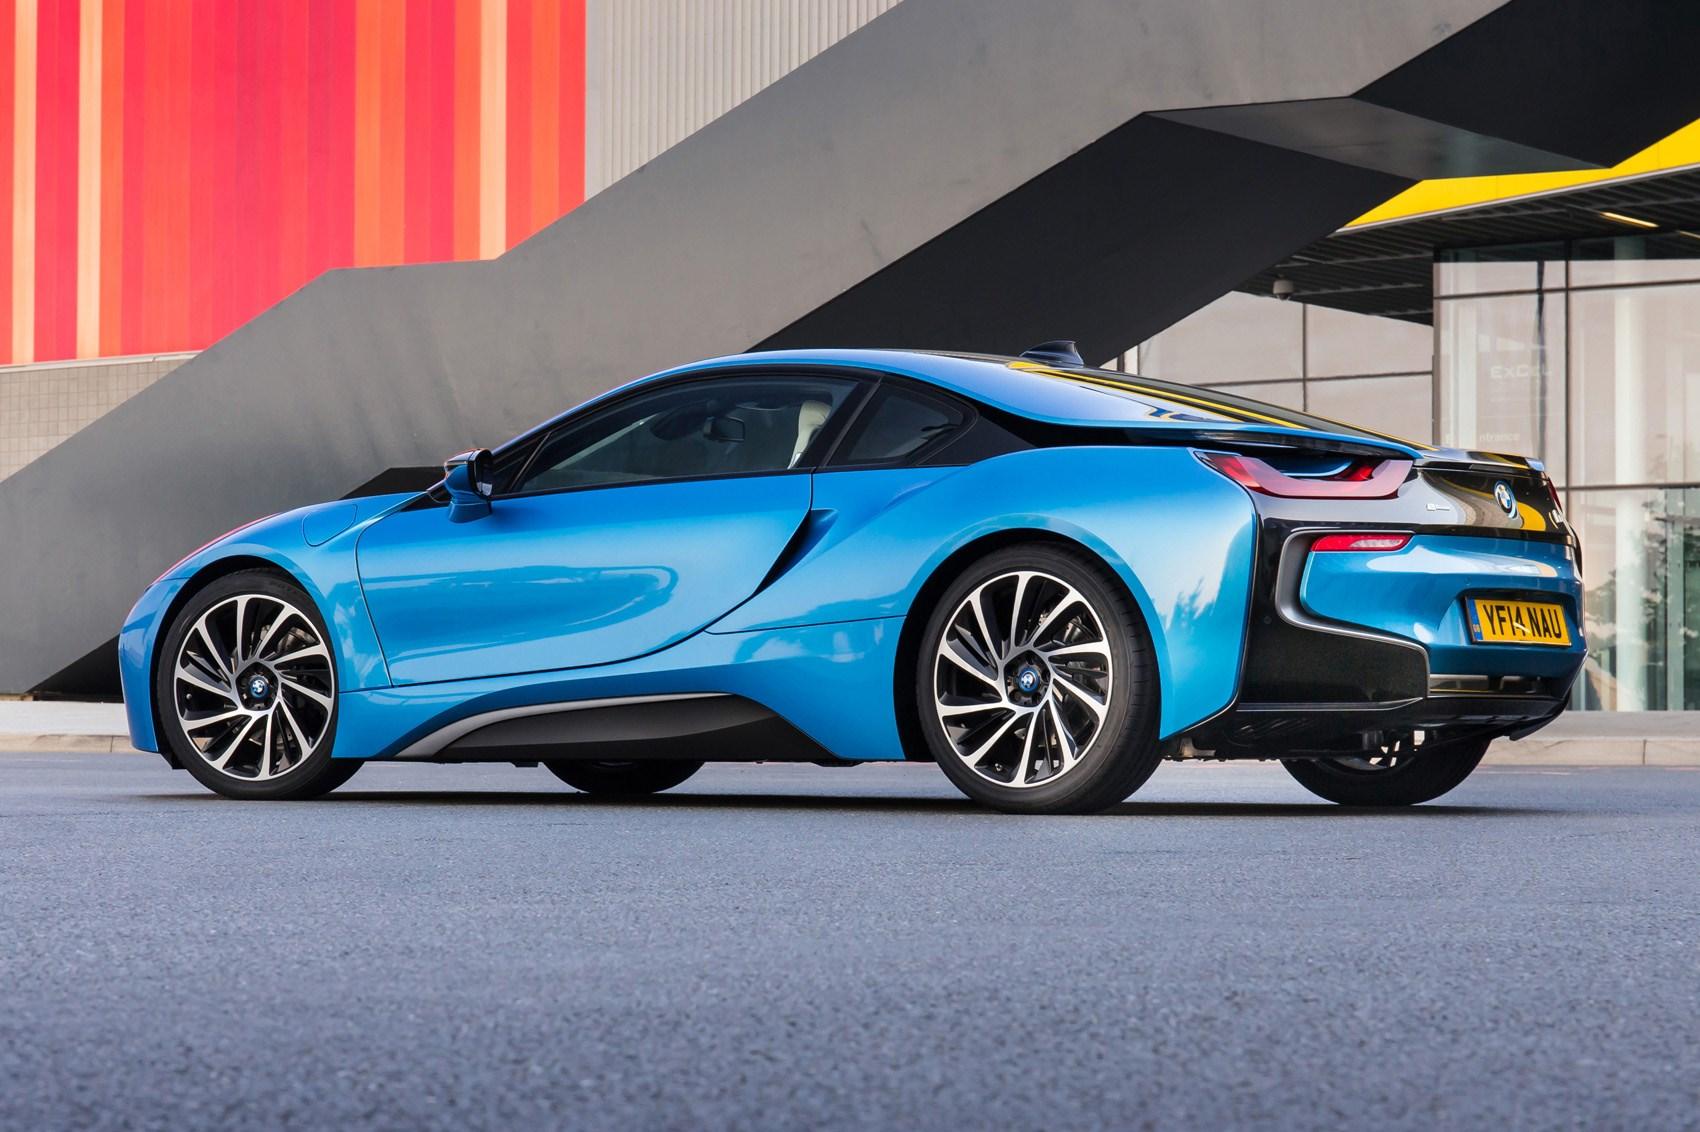 Blue 2014 BMW i8 Coupe rear three-quarter